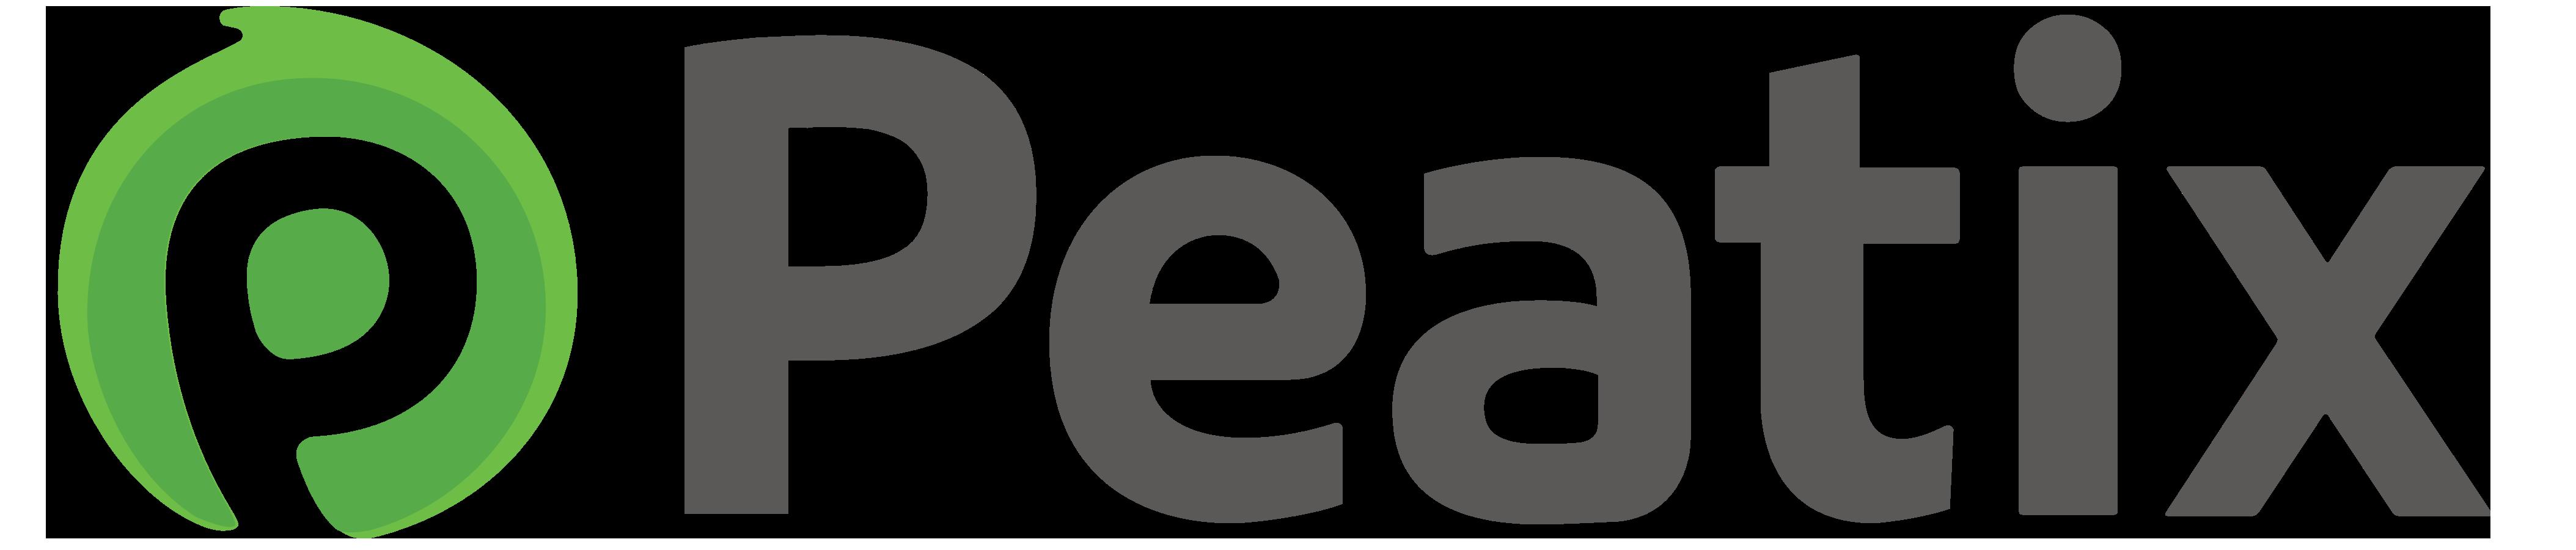 Peatix写真